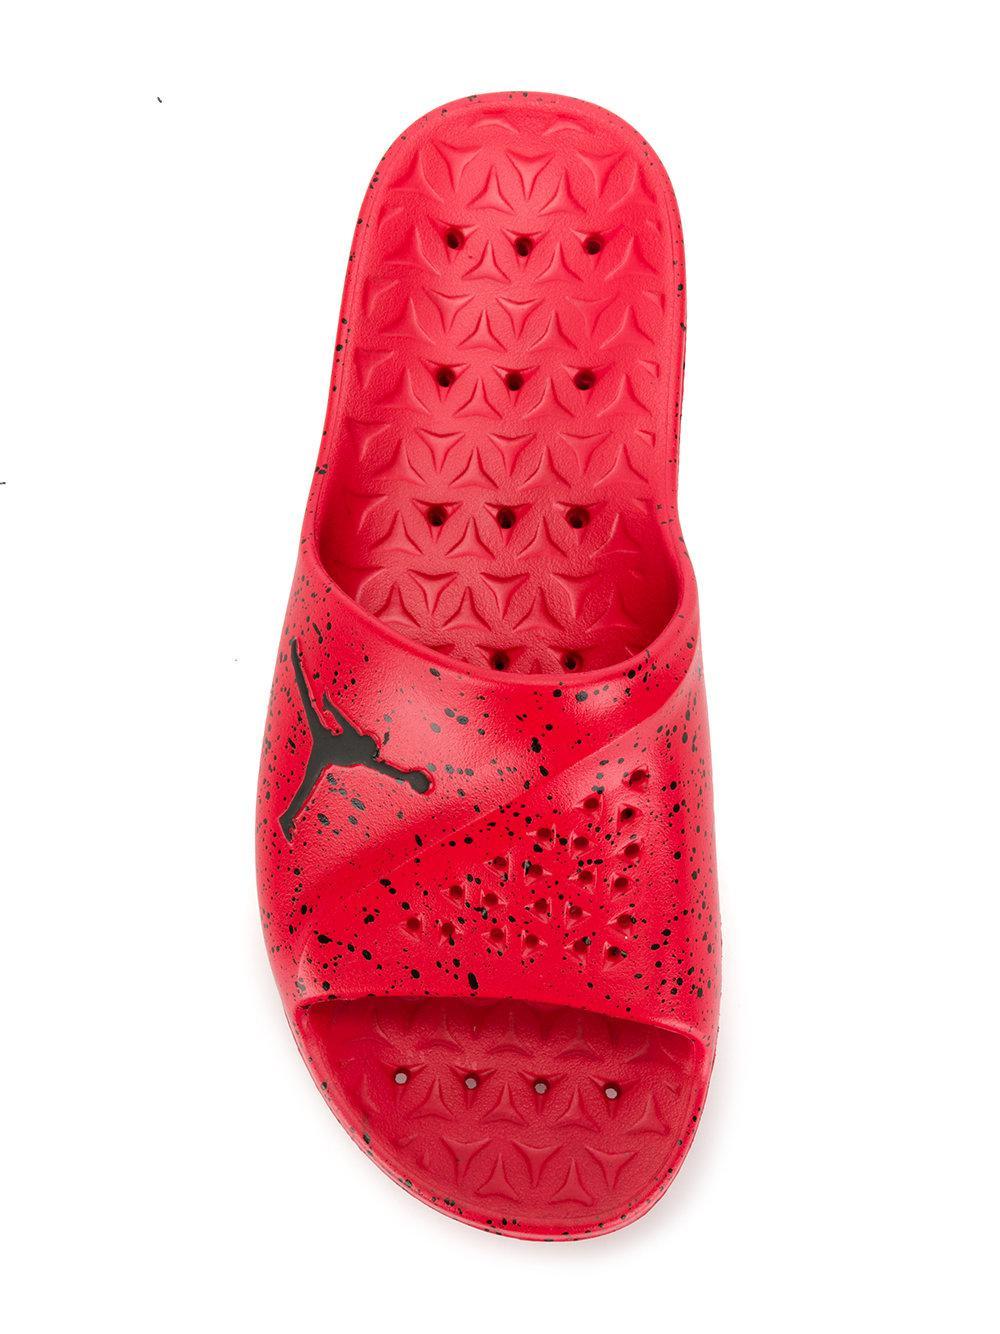 Nike Jordan Superfly Slides in Red for Men - Lyst 1ed152c6bce